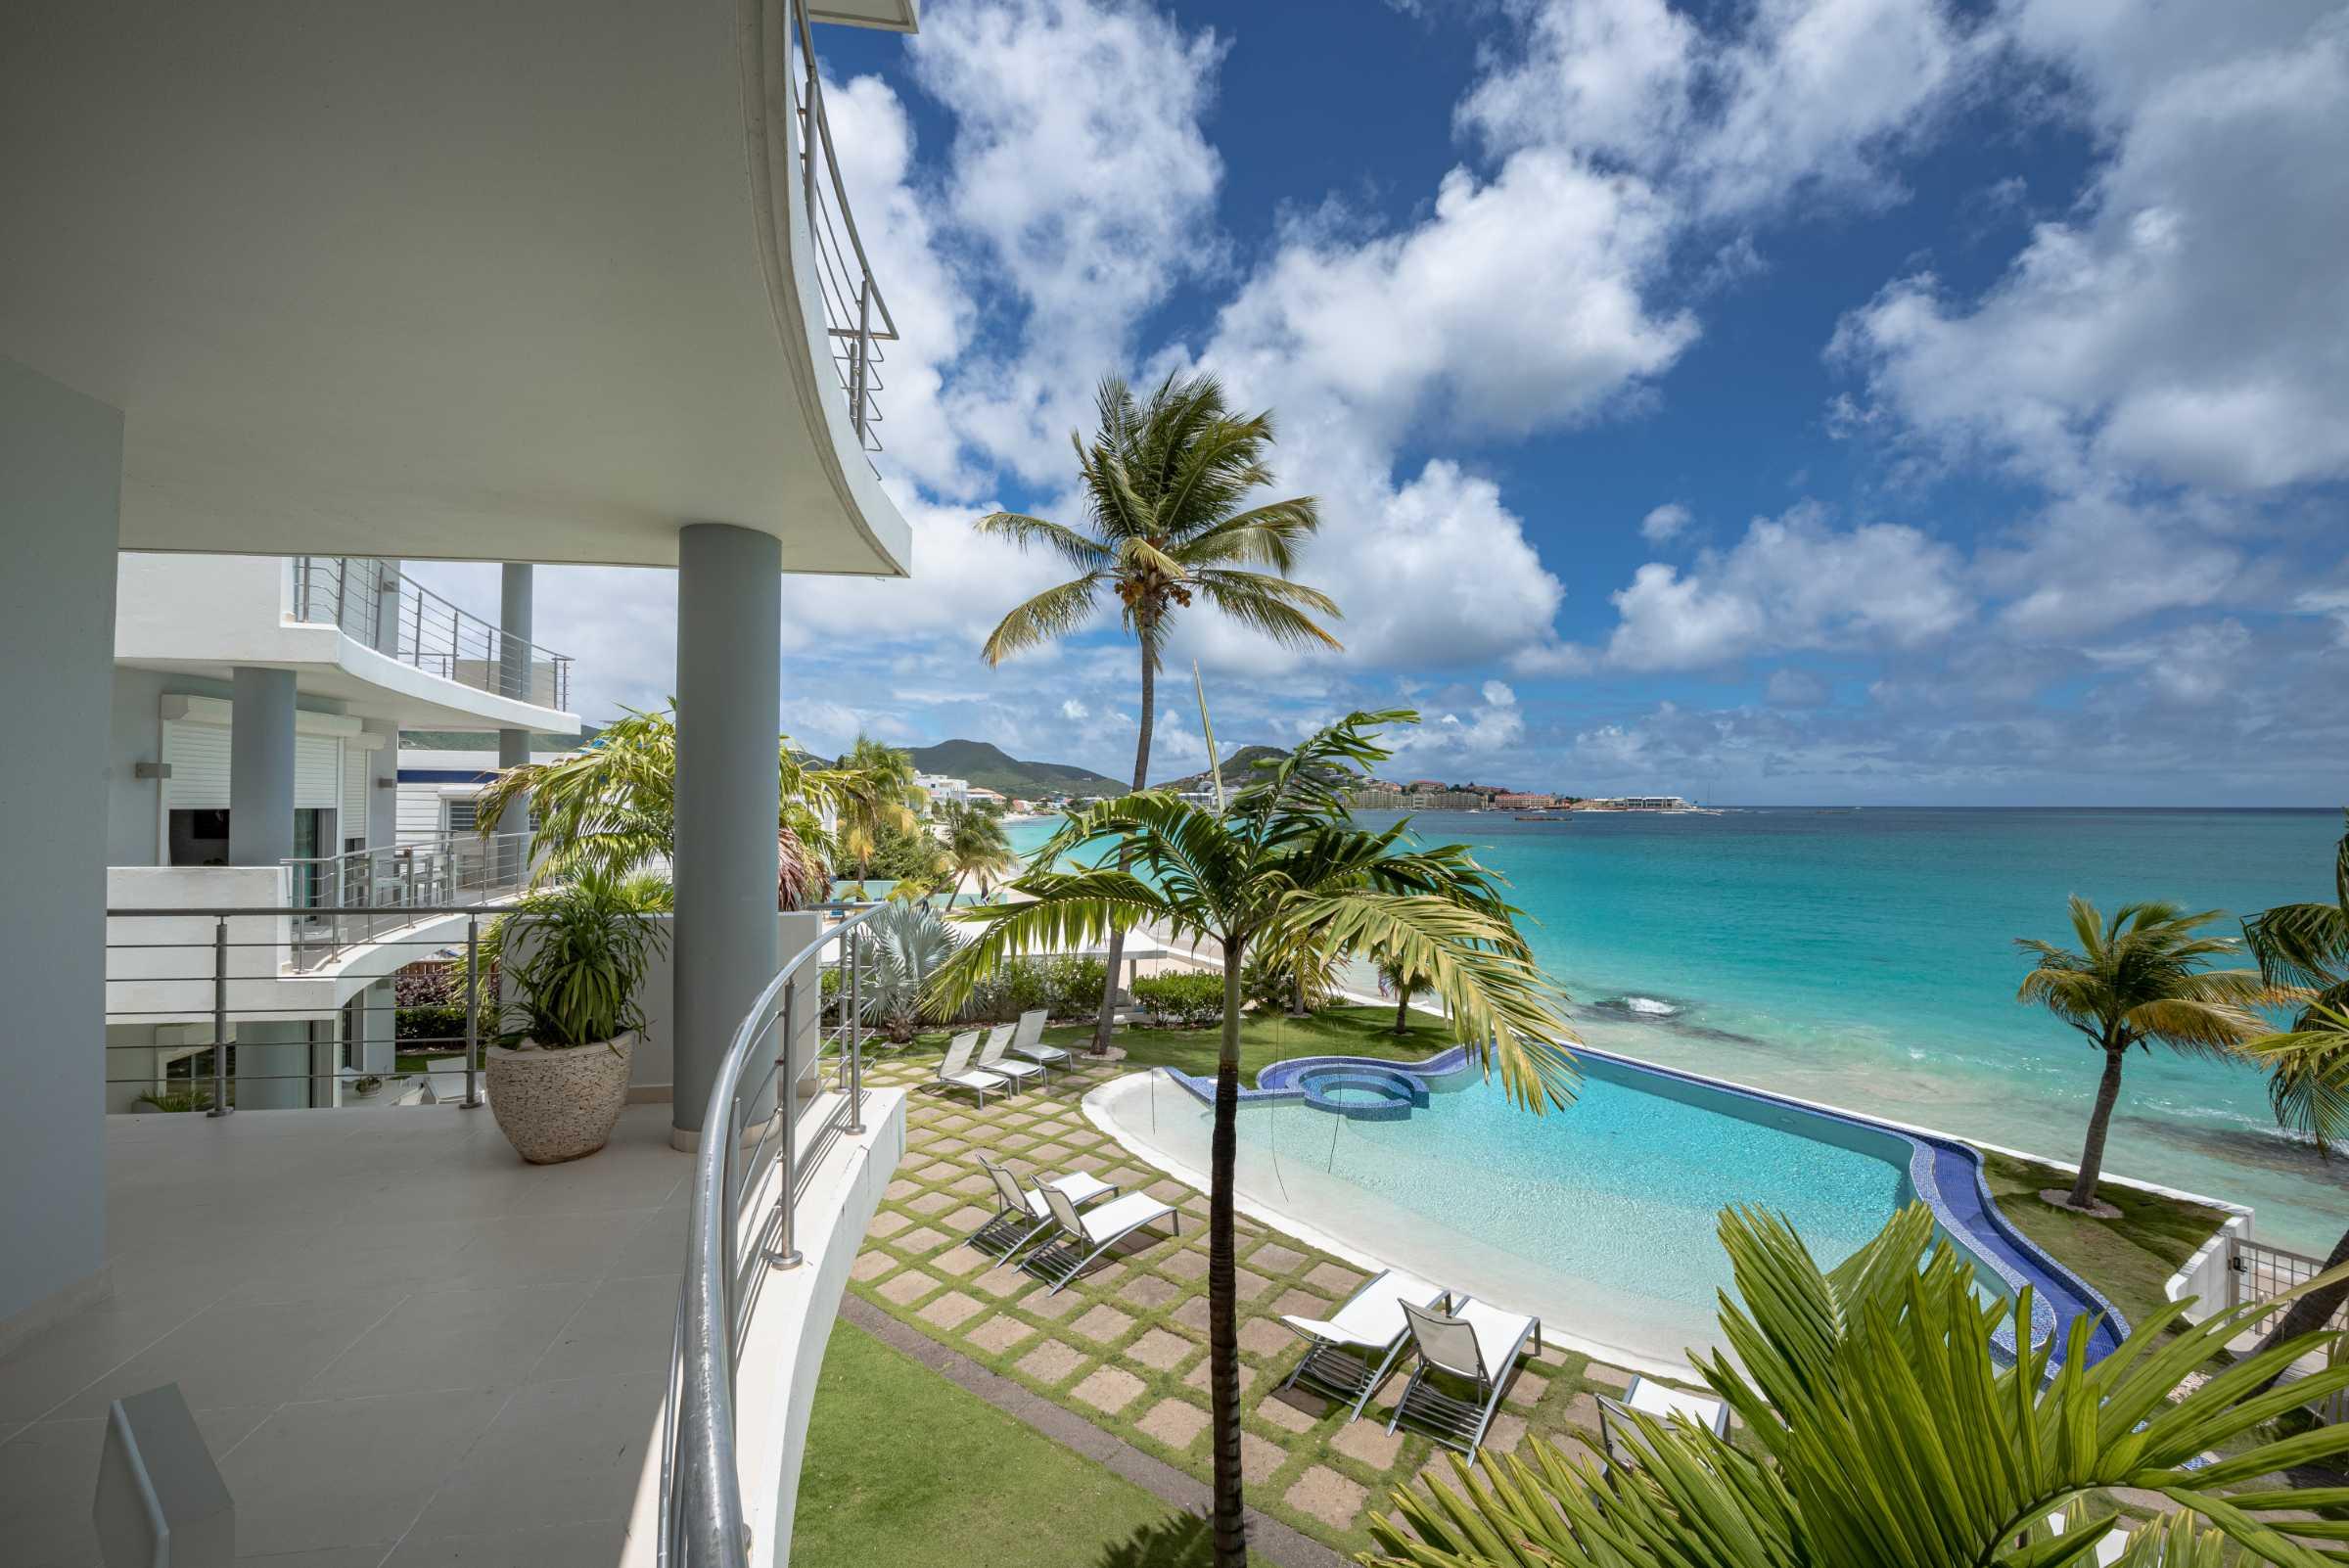 Beach Apartment For Rent In St Maarten